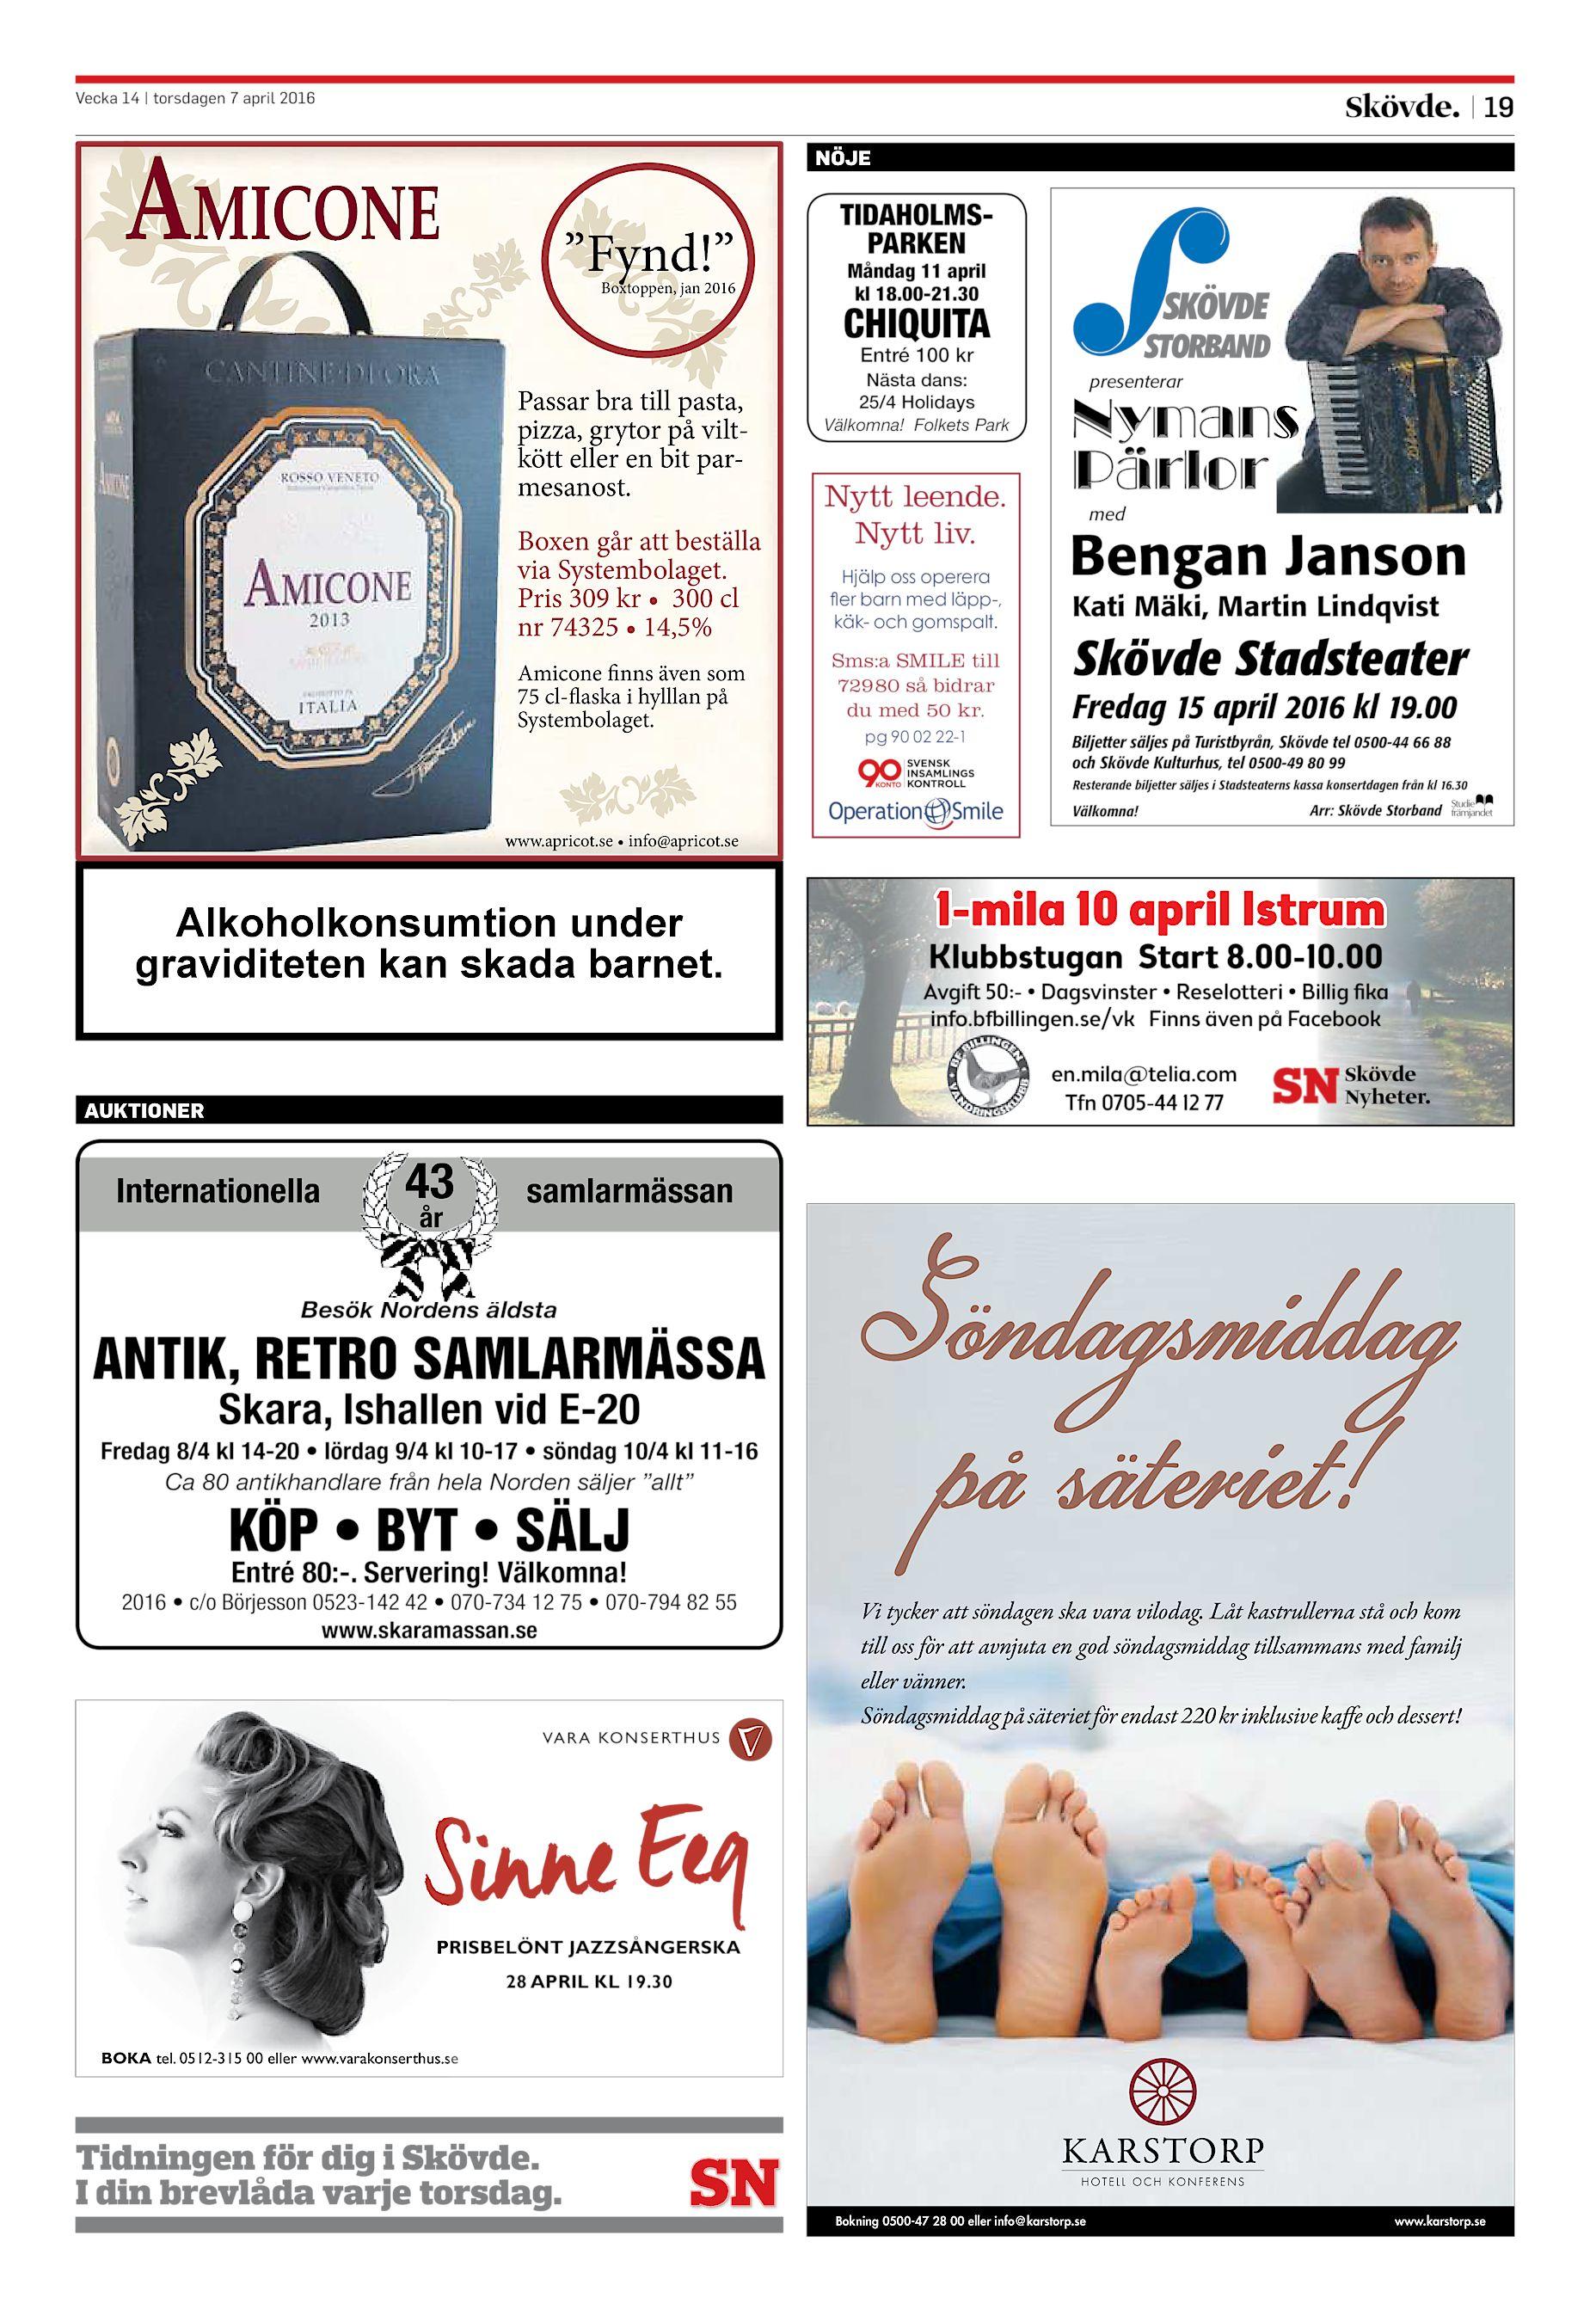 Skövde Nyheter SN-20160407 (endast text) 9da72dd448988